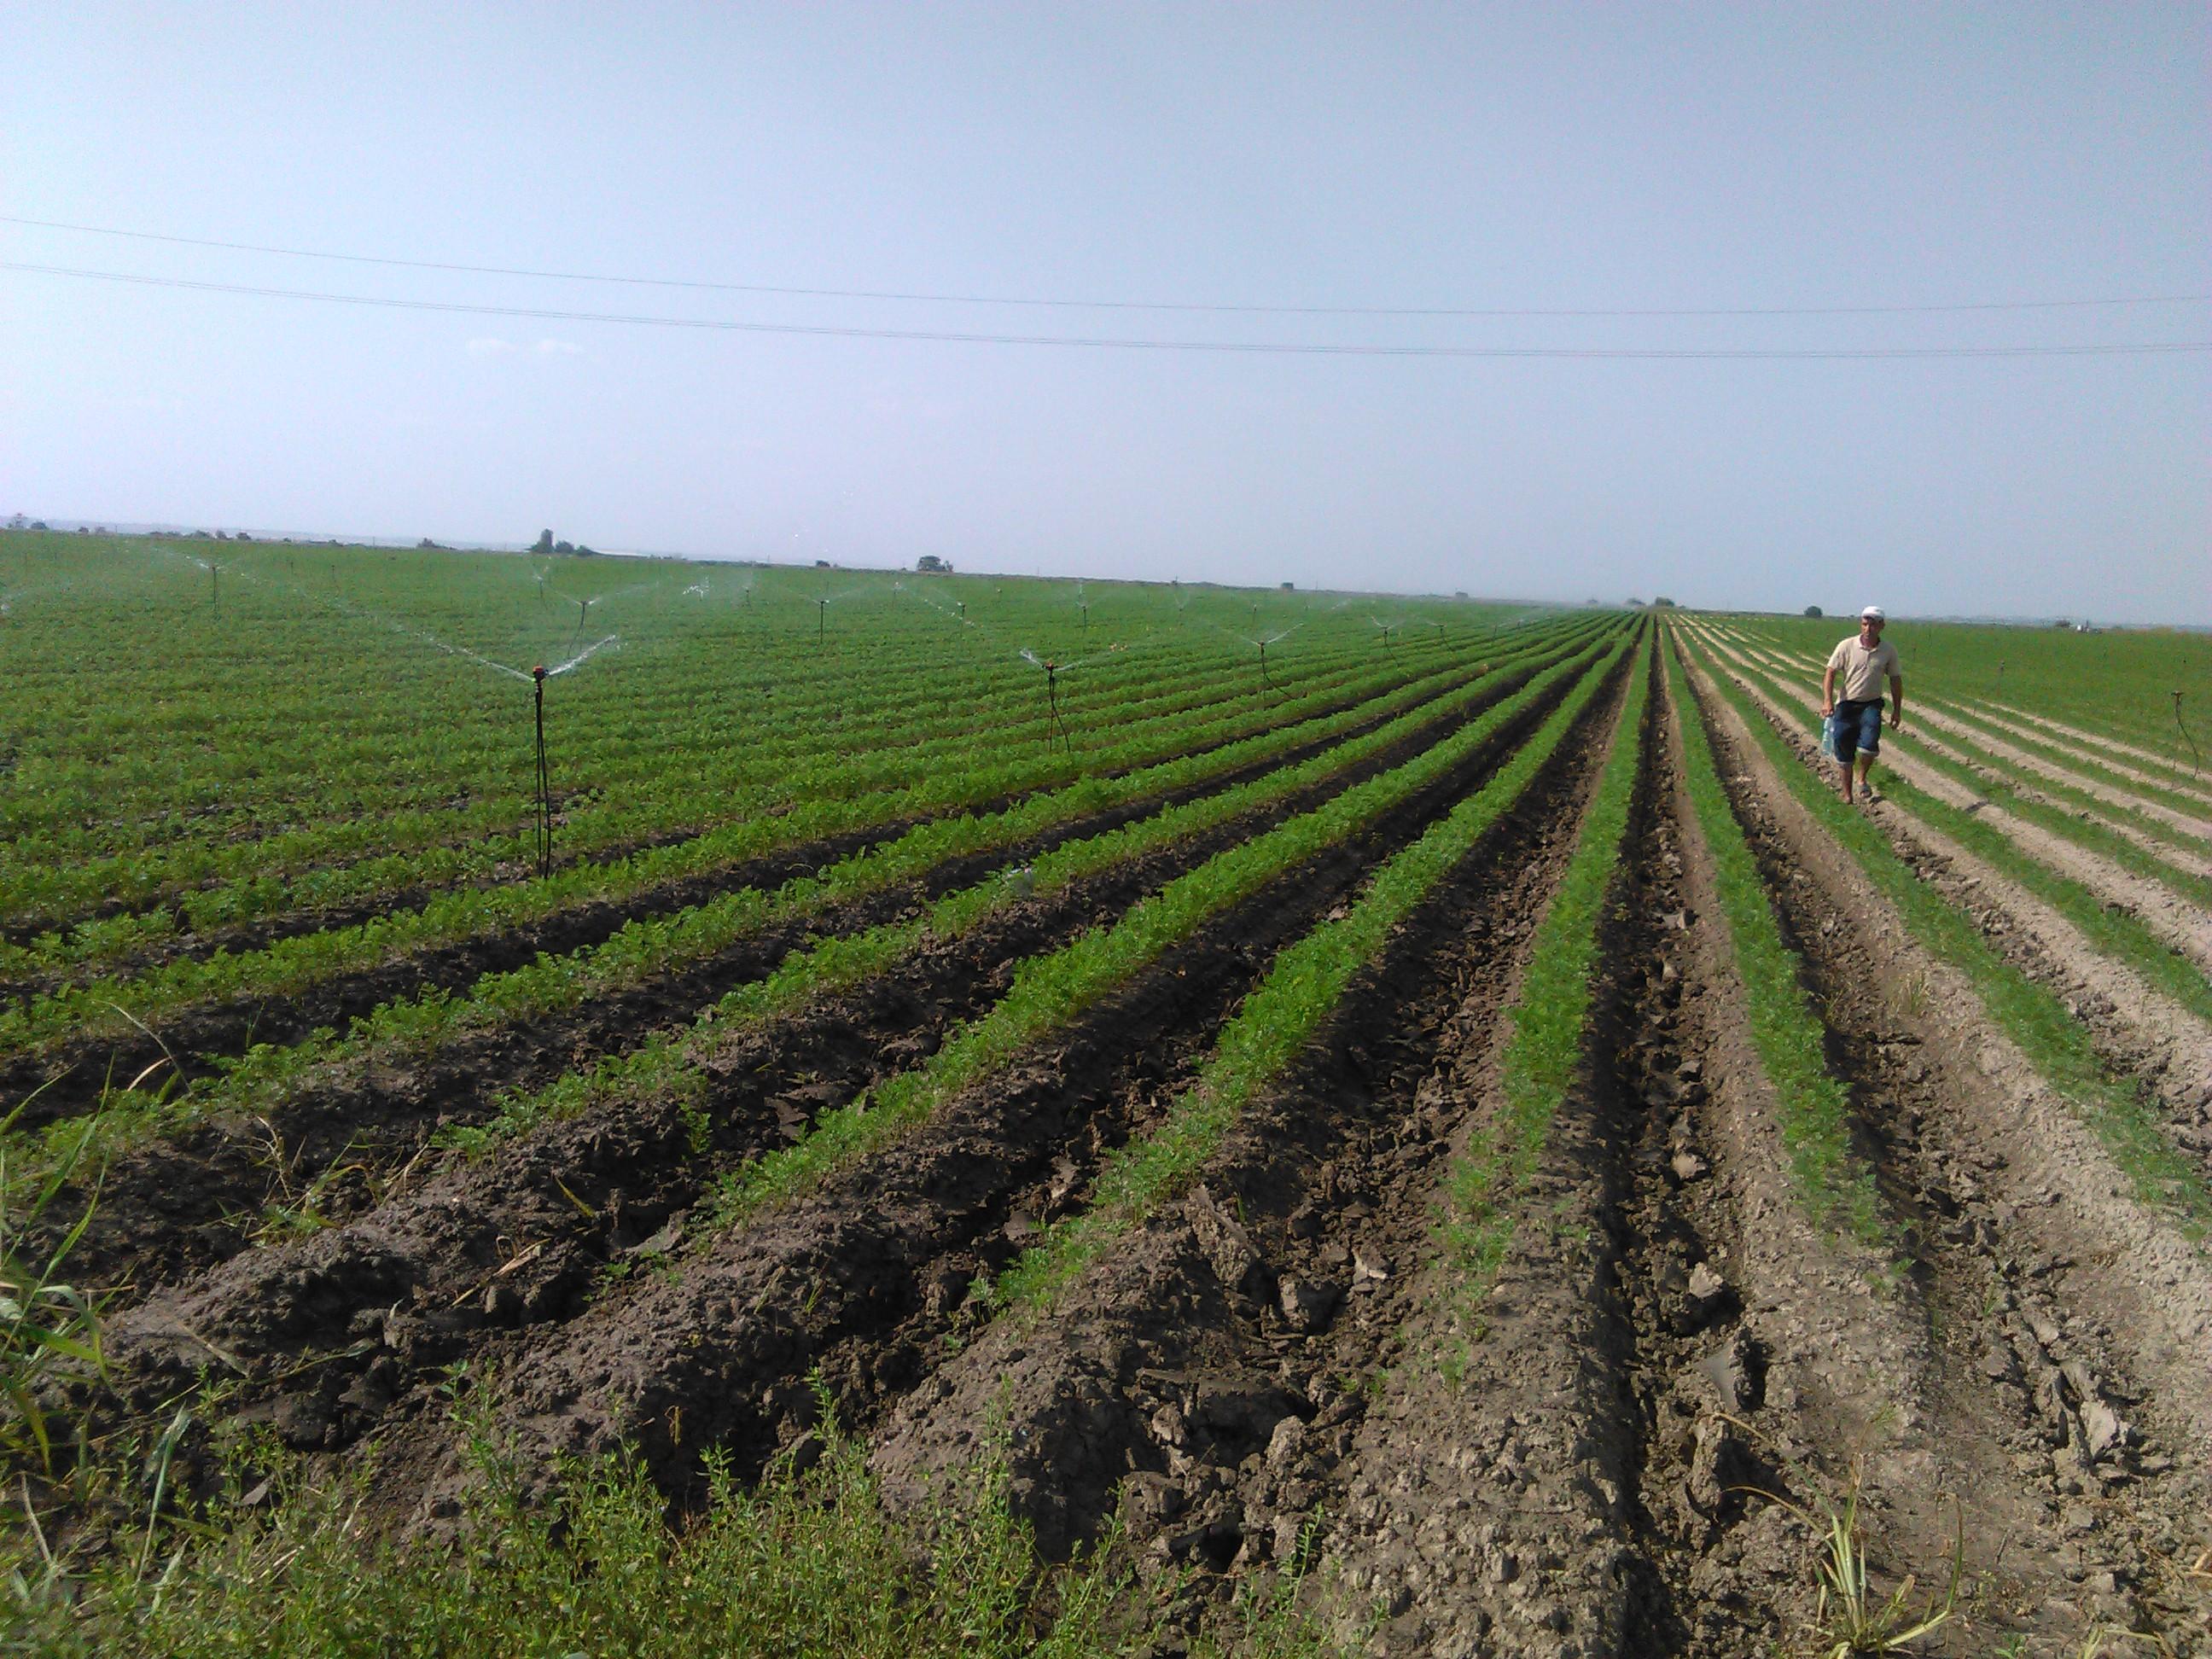 Efectul TVA de 9% la input-uri si servicii agricole? Probabil zero sau aproape zero